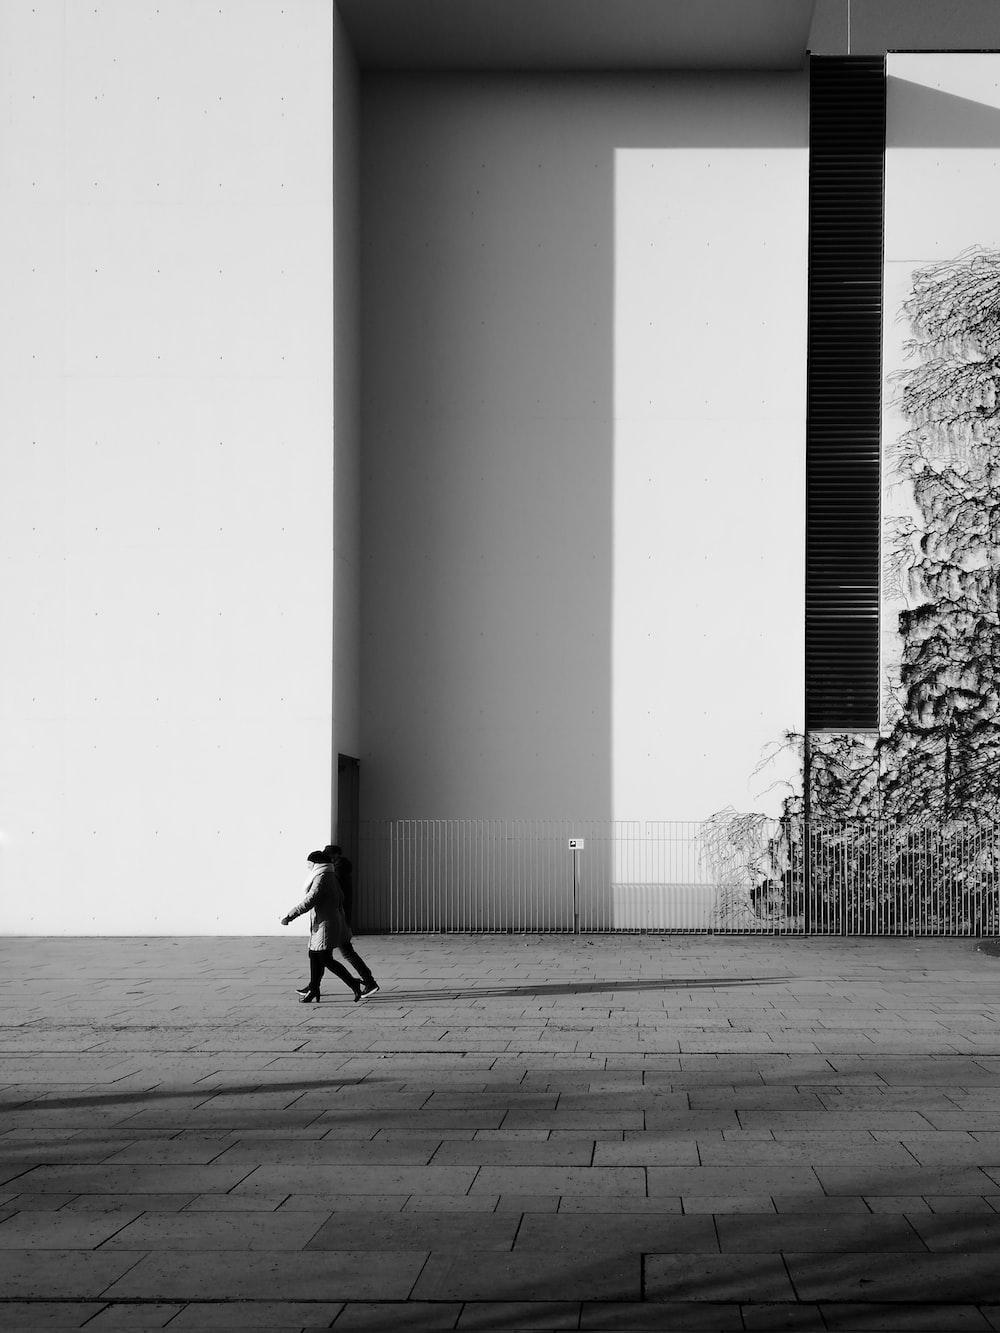 person walking on sidewalk near building